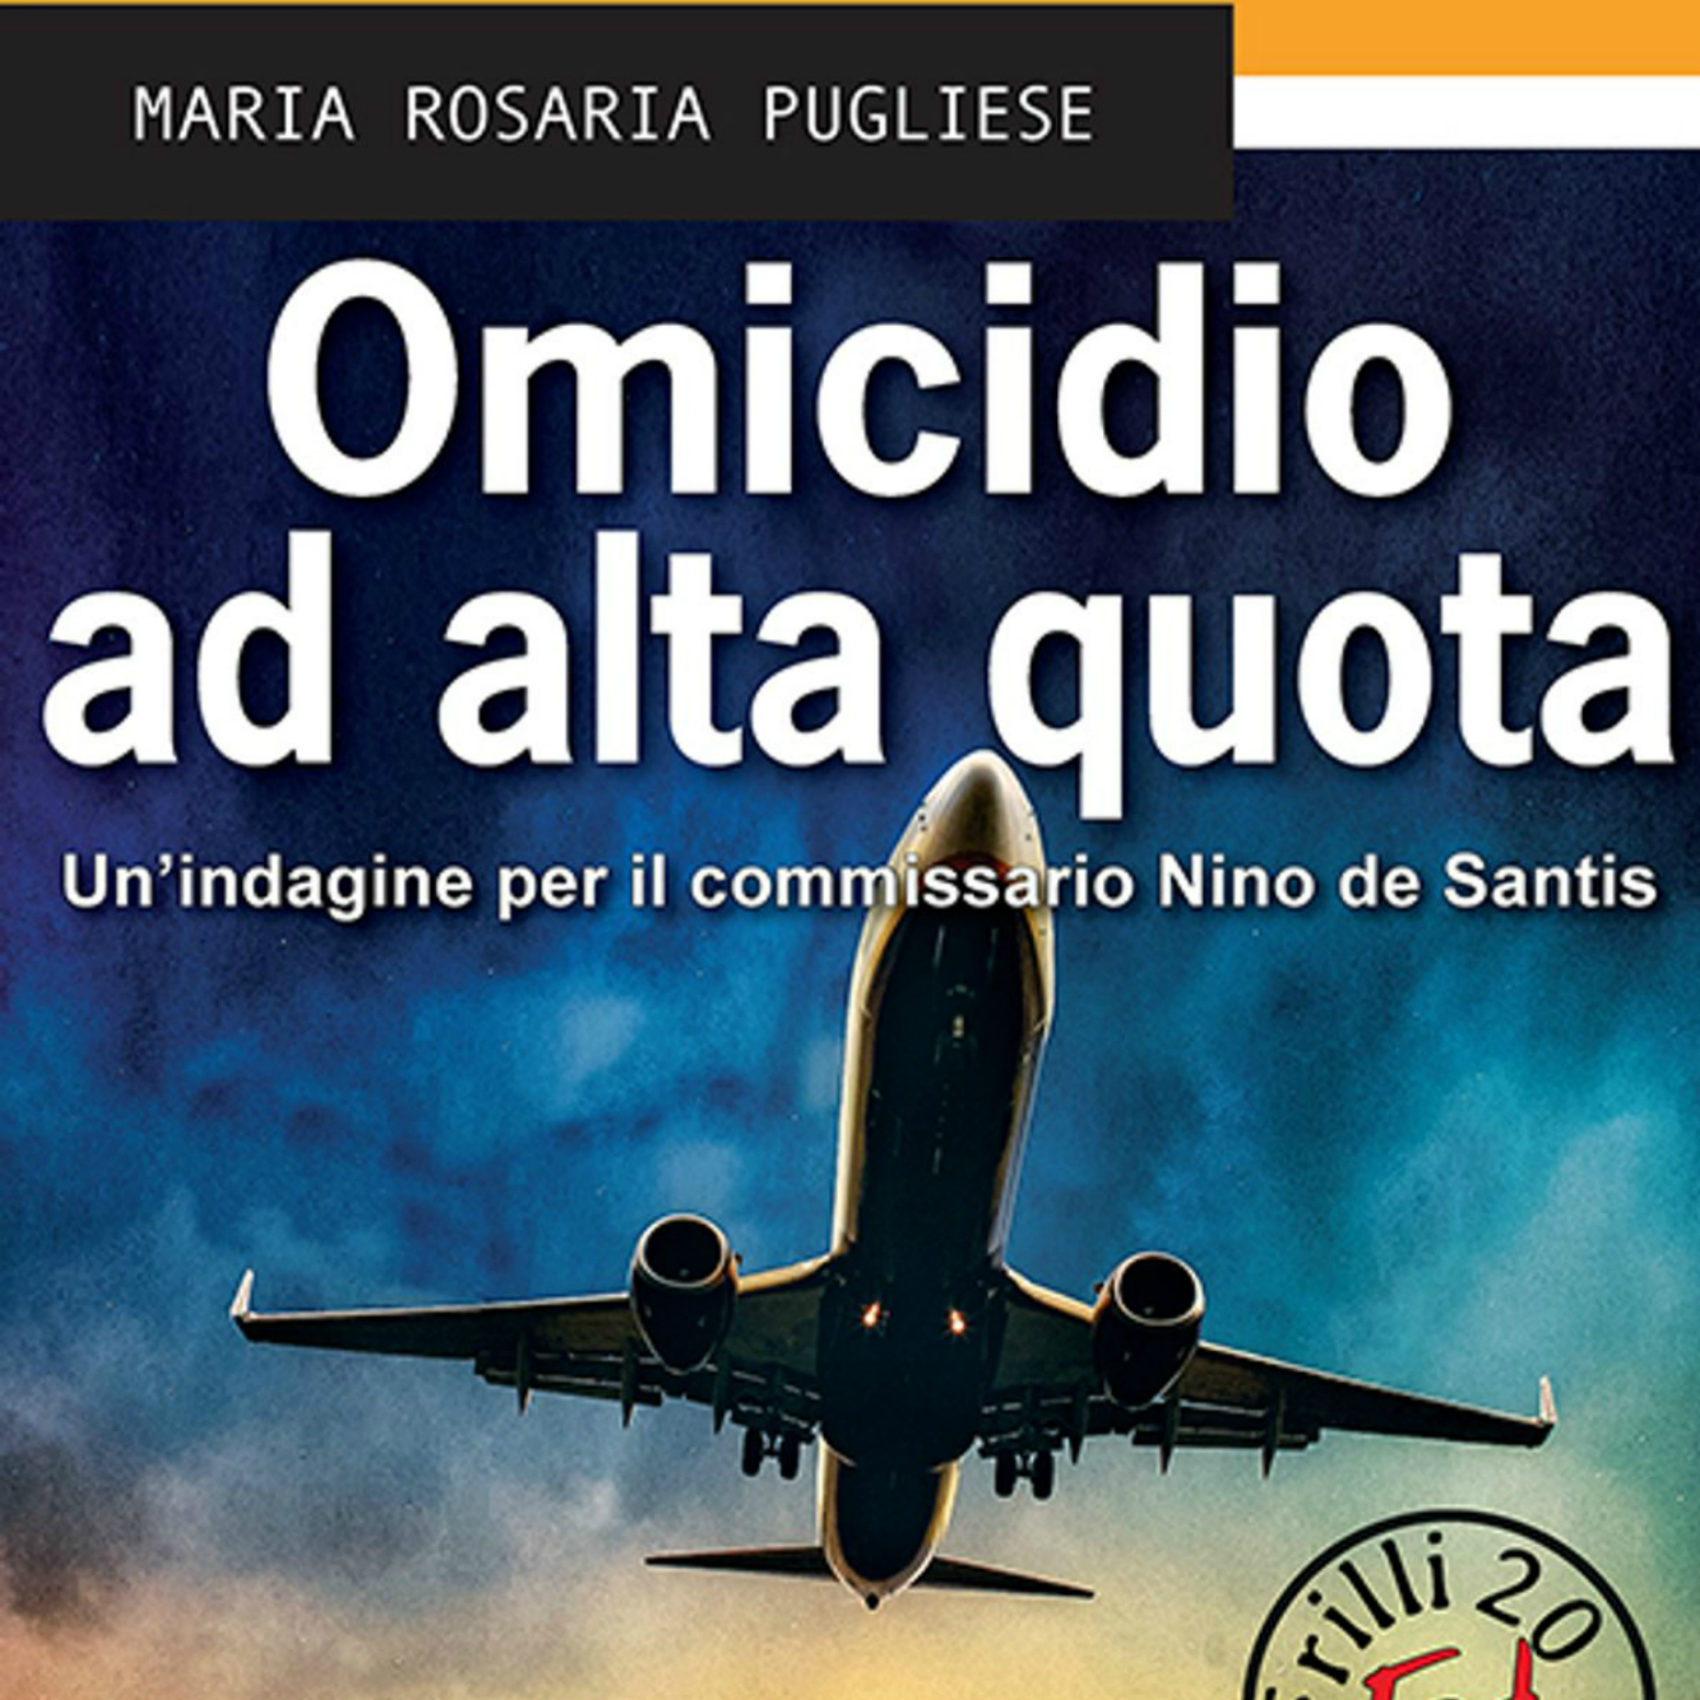 omicidio ad alta quota; Maria Rosaria Pugliese